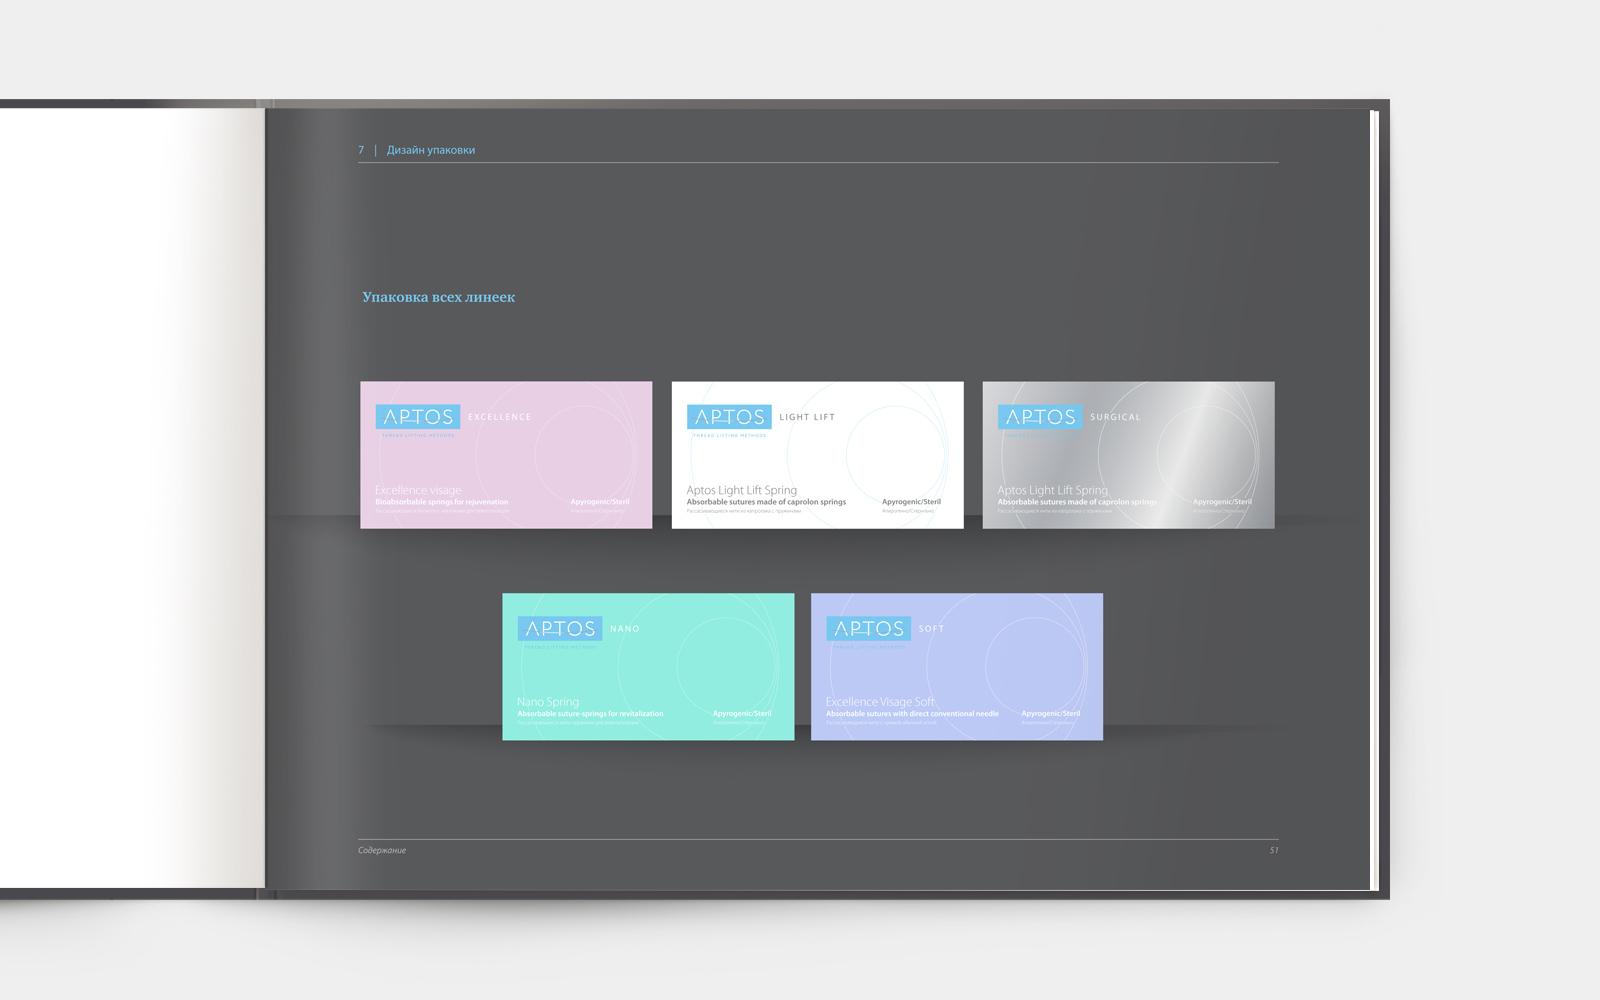 Цветовой код APTOS в дизайне упаковки позволяет эффективно дифференцировать продуктовые линейки